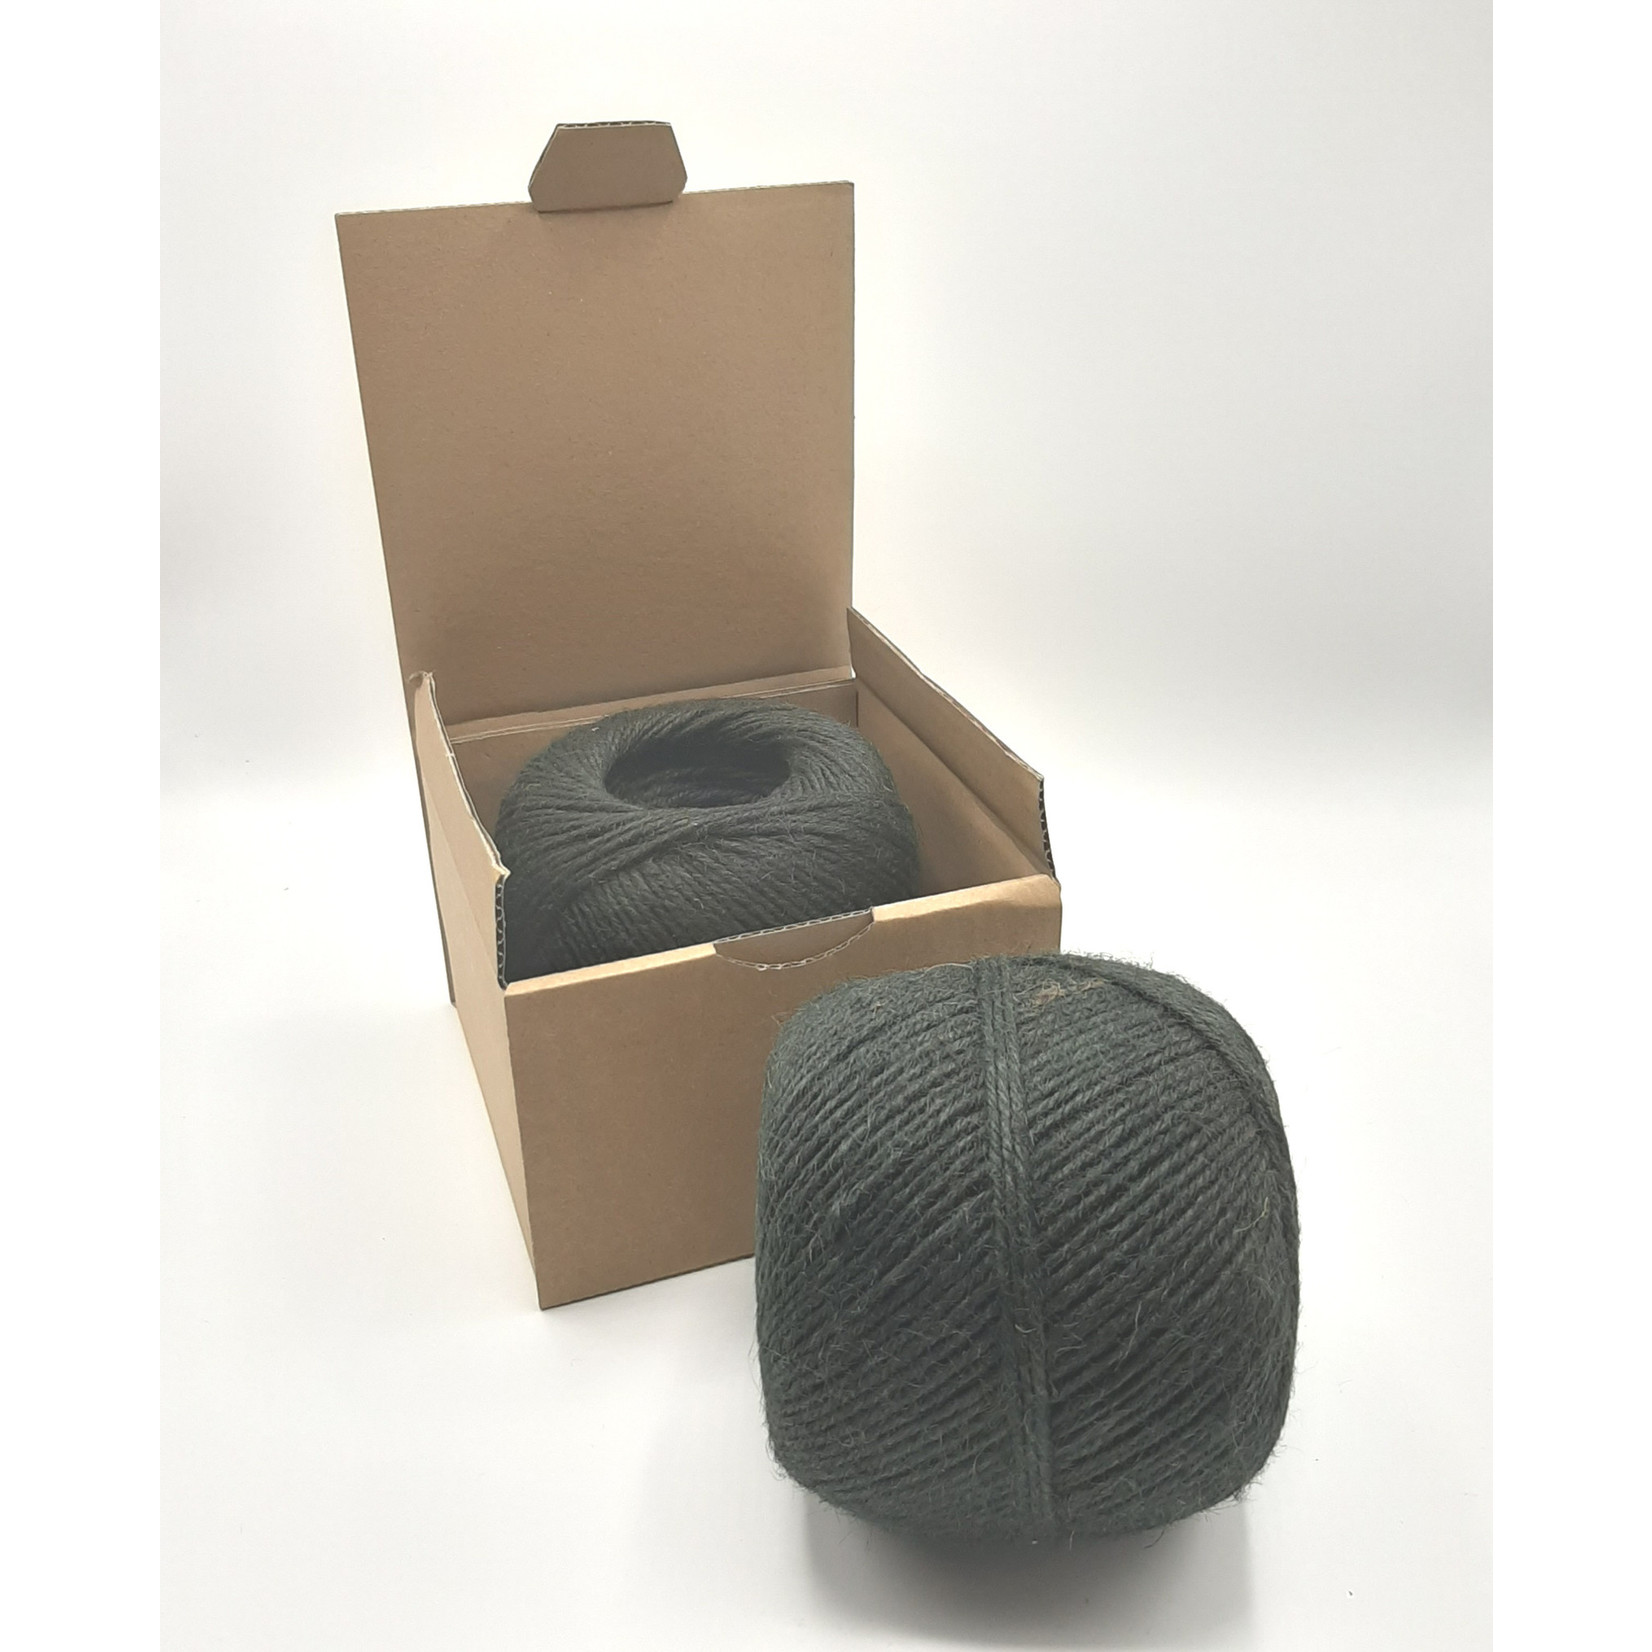 HollandWool Jute touw 500 gr. = 200 m. - kleur zwart  - 2.5 mm. dik